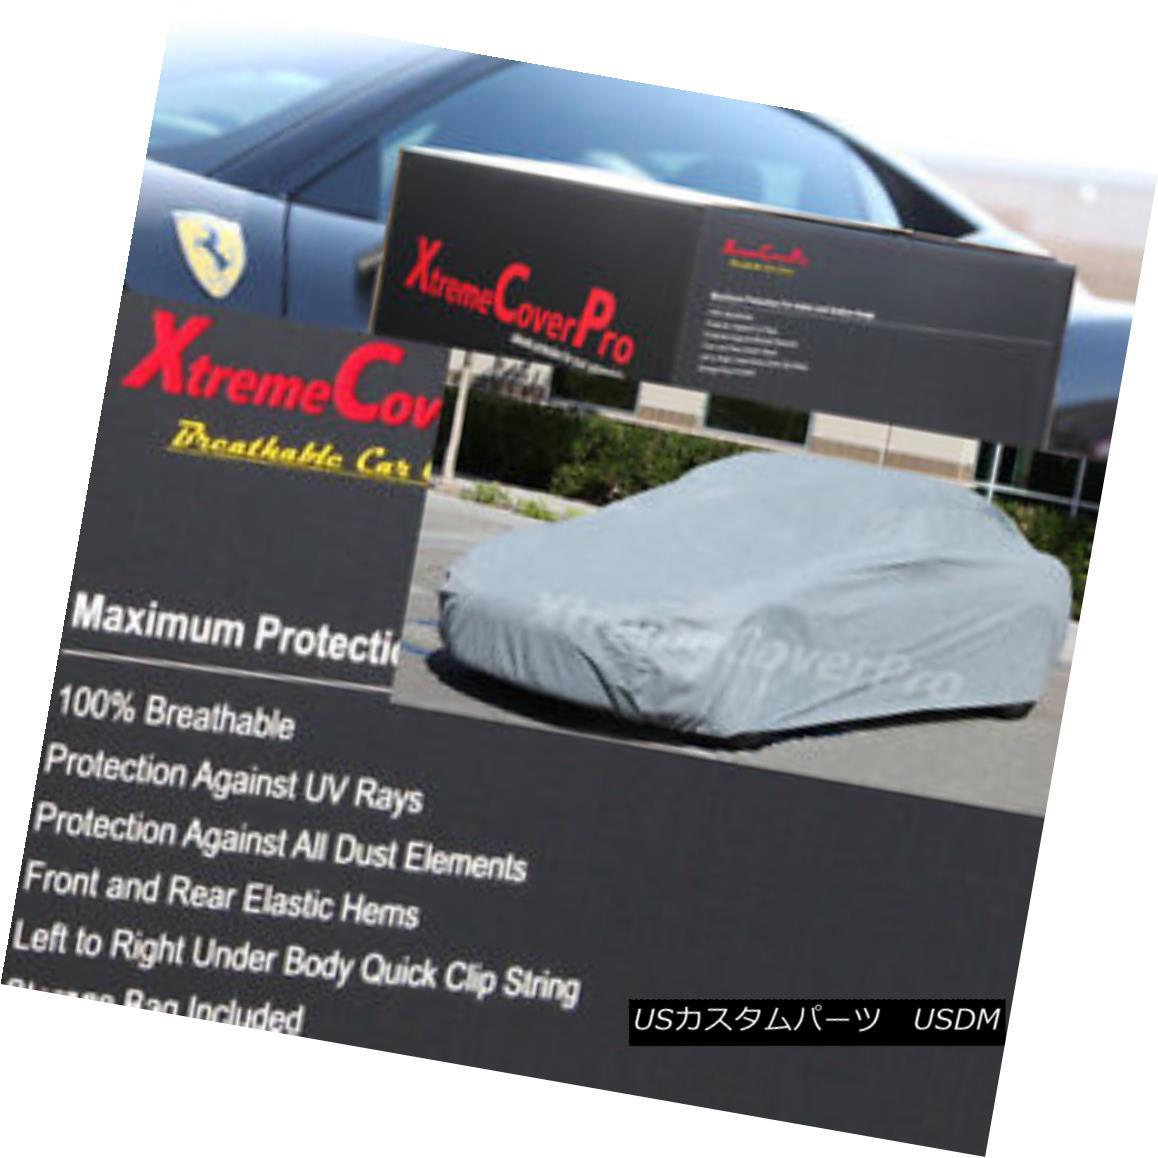 カーカバー 2000 2001 2002 2003 2004 2005 Toyota MR2 Spyder MRS Breathable Car Cover 2000 2001 2002 2003 2004 2005トヨタMR2スパイダーMRS通気性車カバー